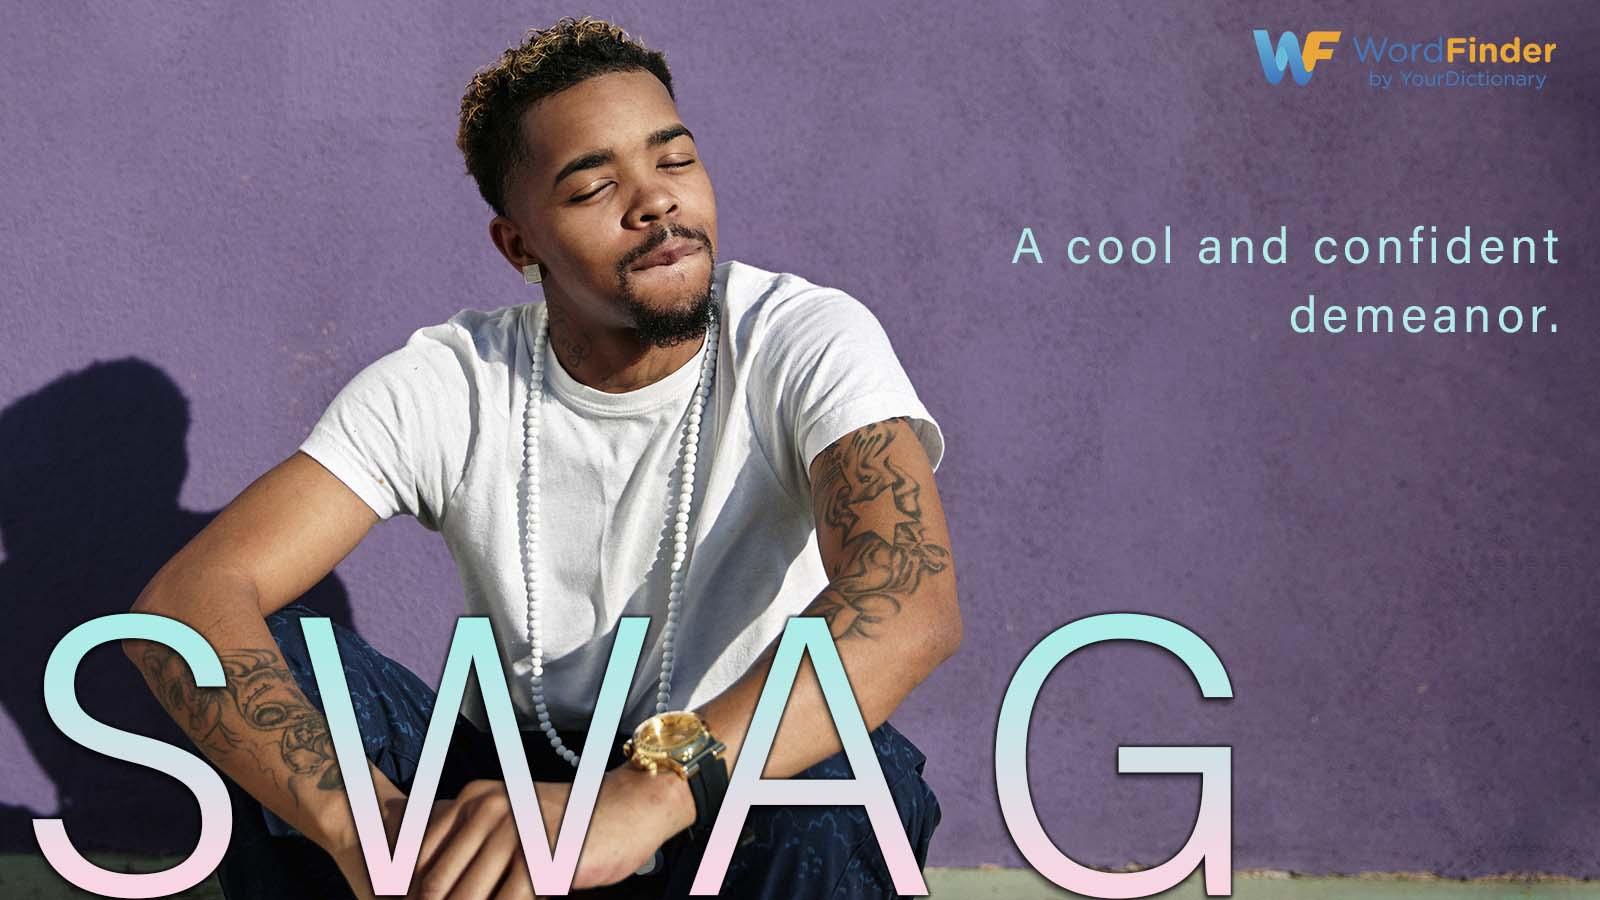 swag slang definition